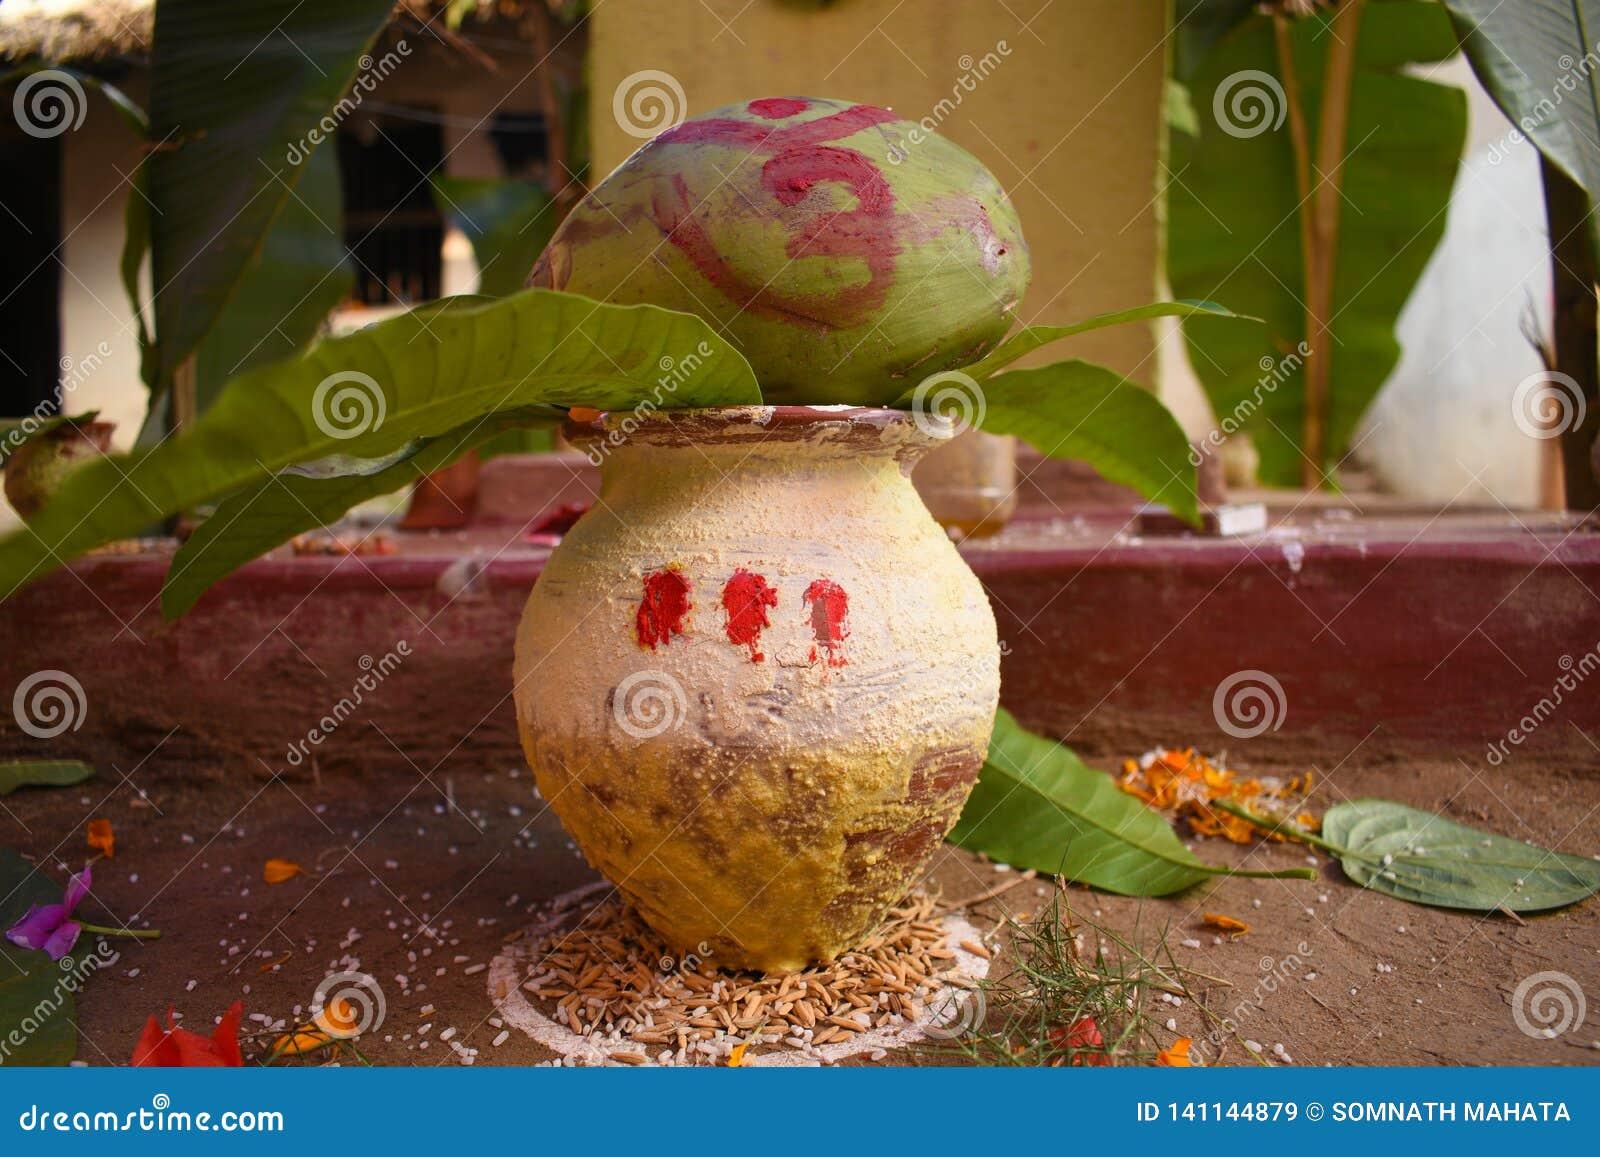 Uma embarcação sagrado com as folhas da manga e o coco verde usados geralmente na cerimônia de união ou para adorar na Índia